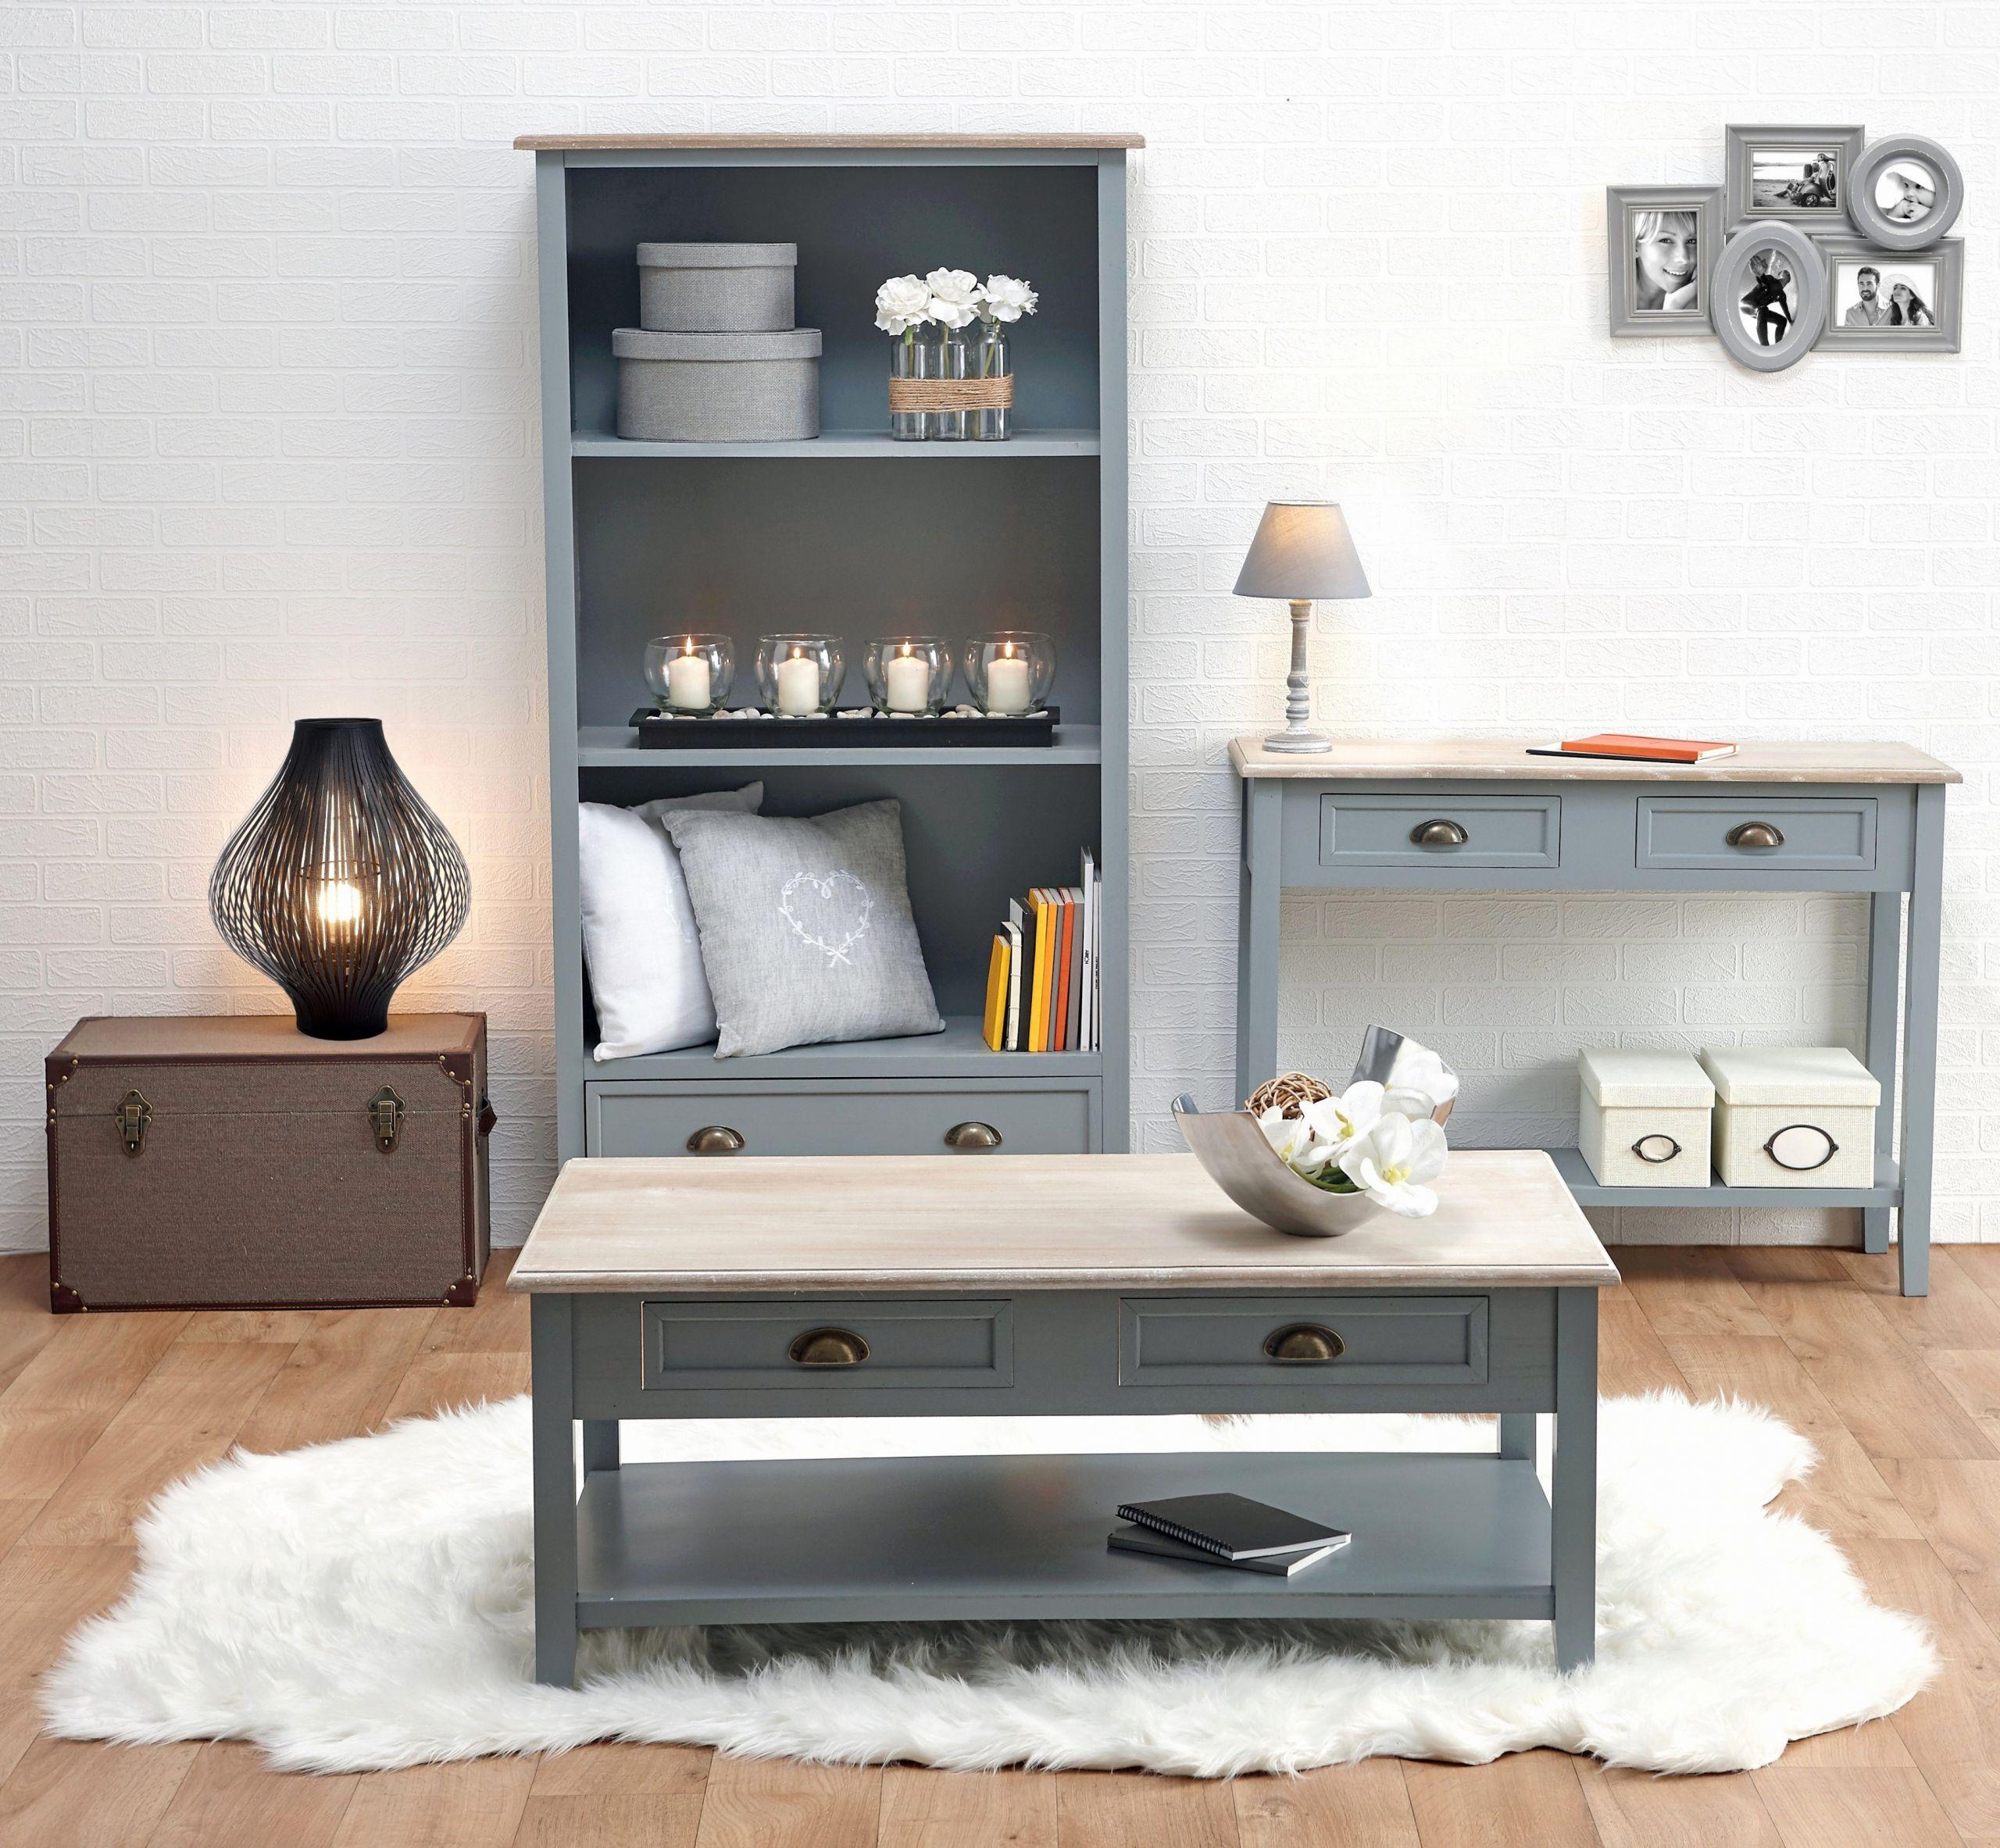 petit meuble bas petit meuble bas cuisine meilleur de mobilier cuisine 0d archives de of petit meuble bas 1